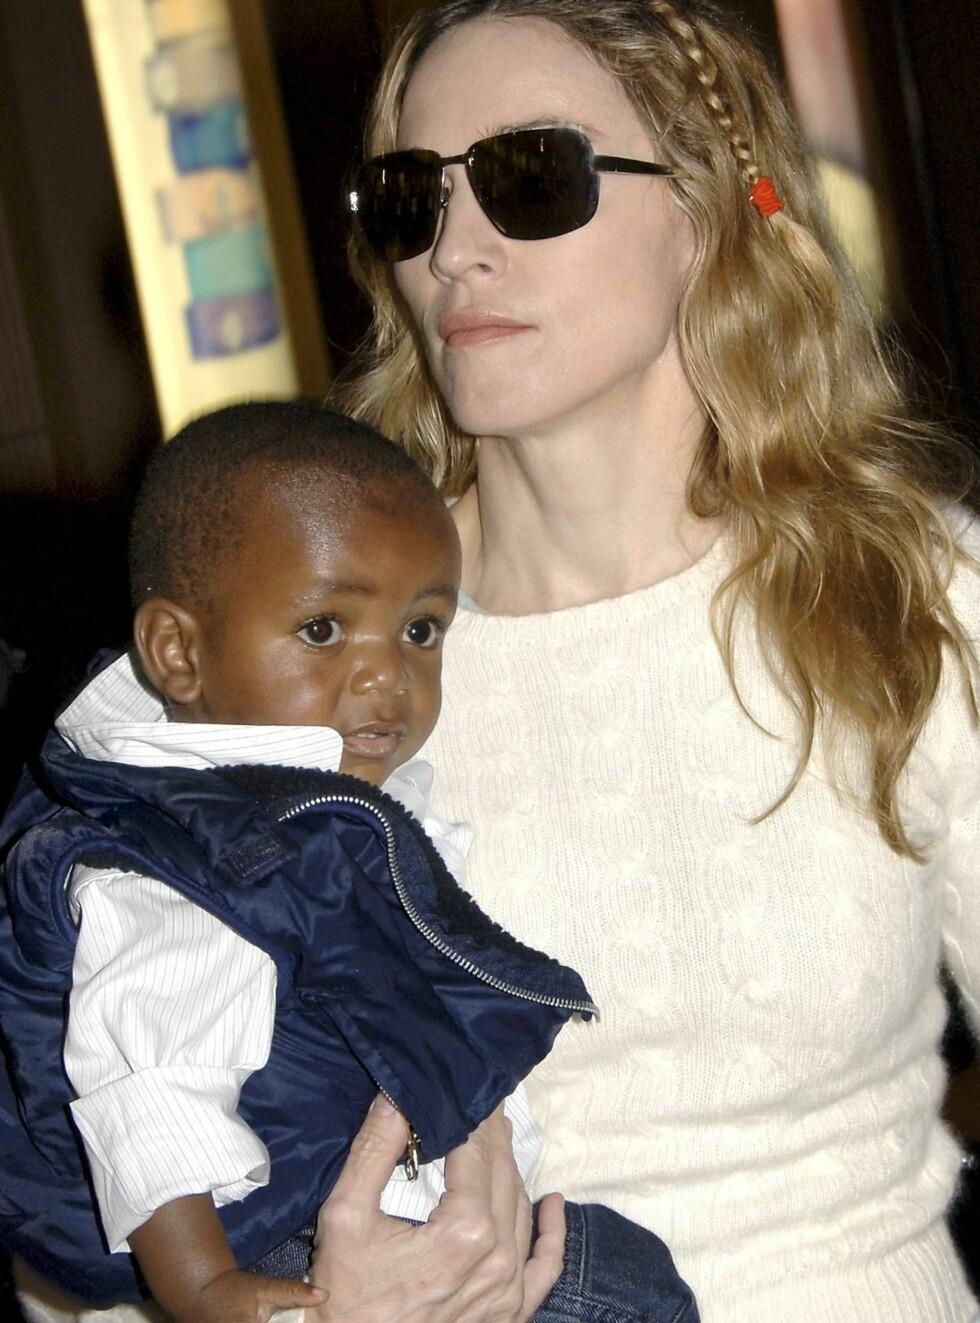 OMSTRIDT: Madonna har fått mye pepper etter adopsjonen, men David ser i hvert fall ut til å trives med situasjonen. Foto: AP